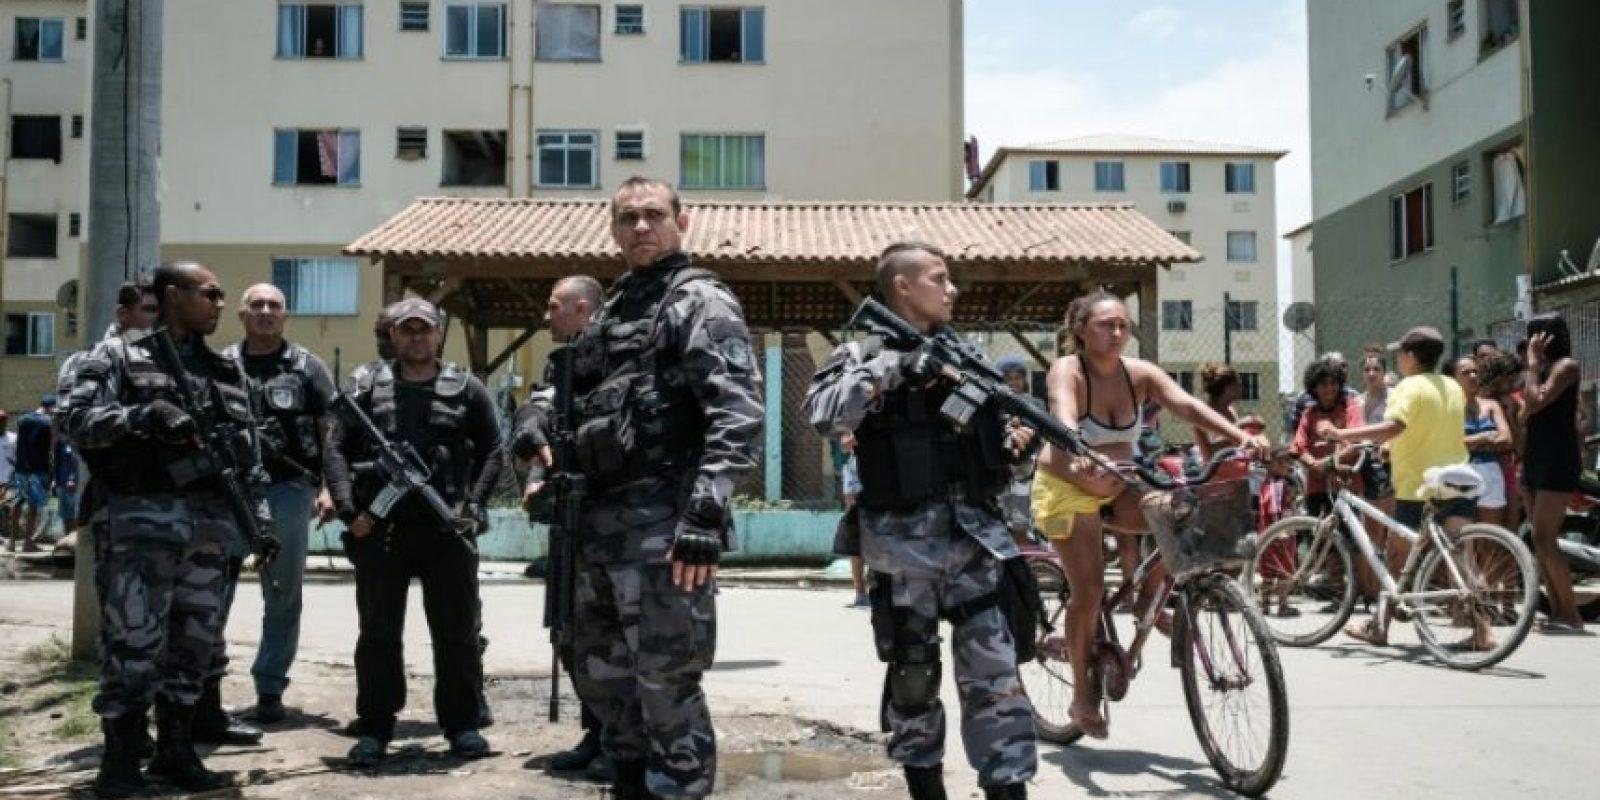 Oficiales de la policía patrullan las calles de la favela Cidade de Deus el 20 de noviembre de 2016 en Rio de Janeiro Foto:Yasuyoshi Chiba/afp.com